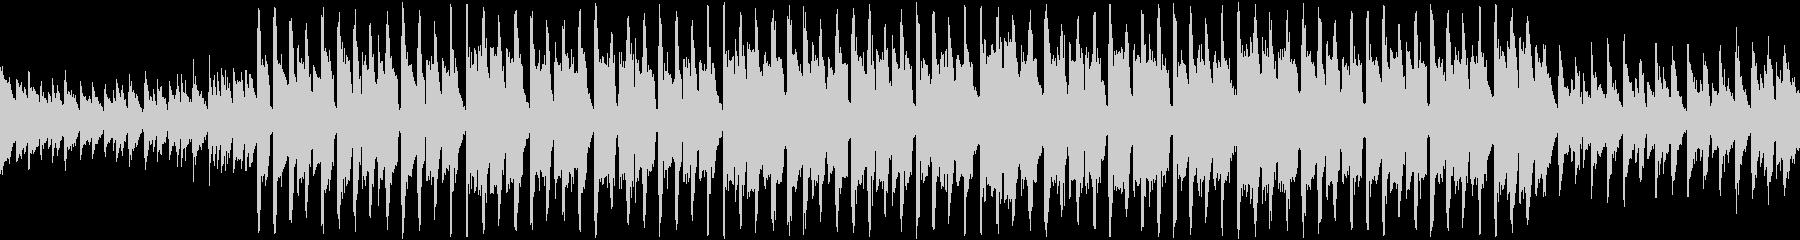 ピアノとシンセのシリアスなループ曲の未再生の波形